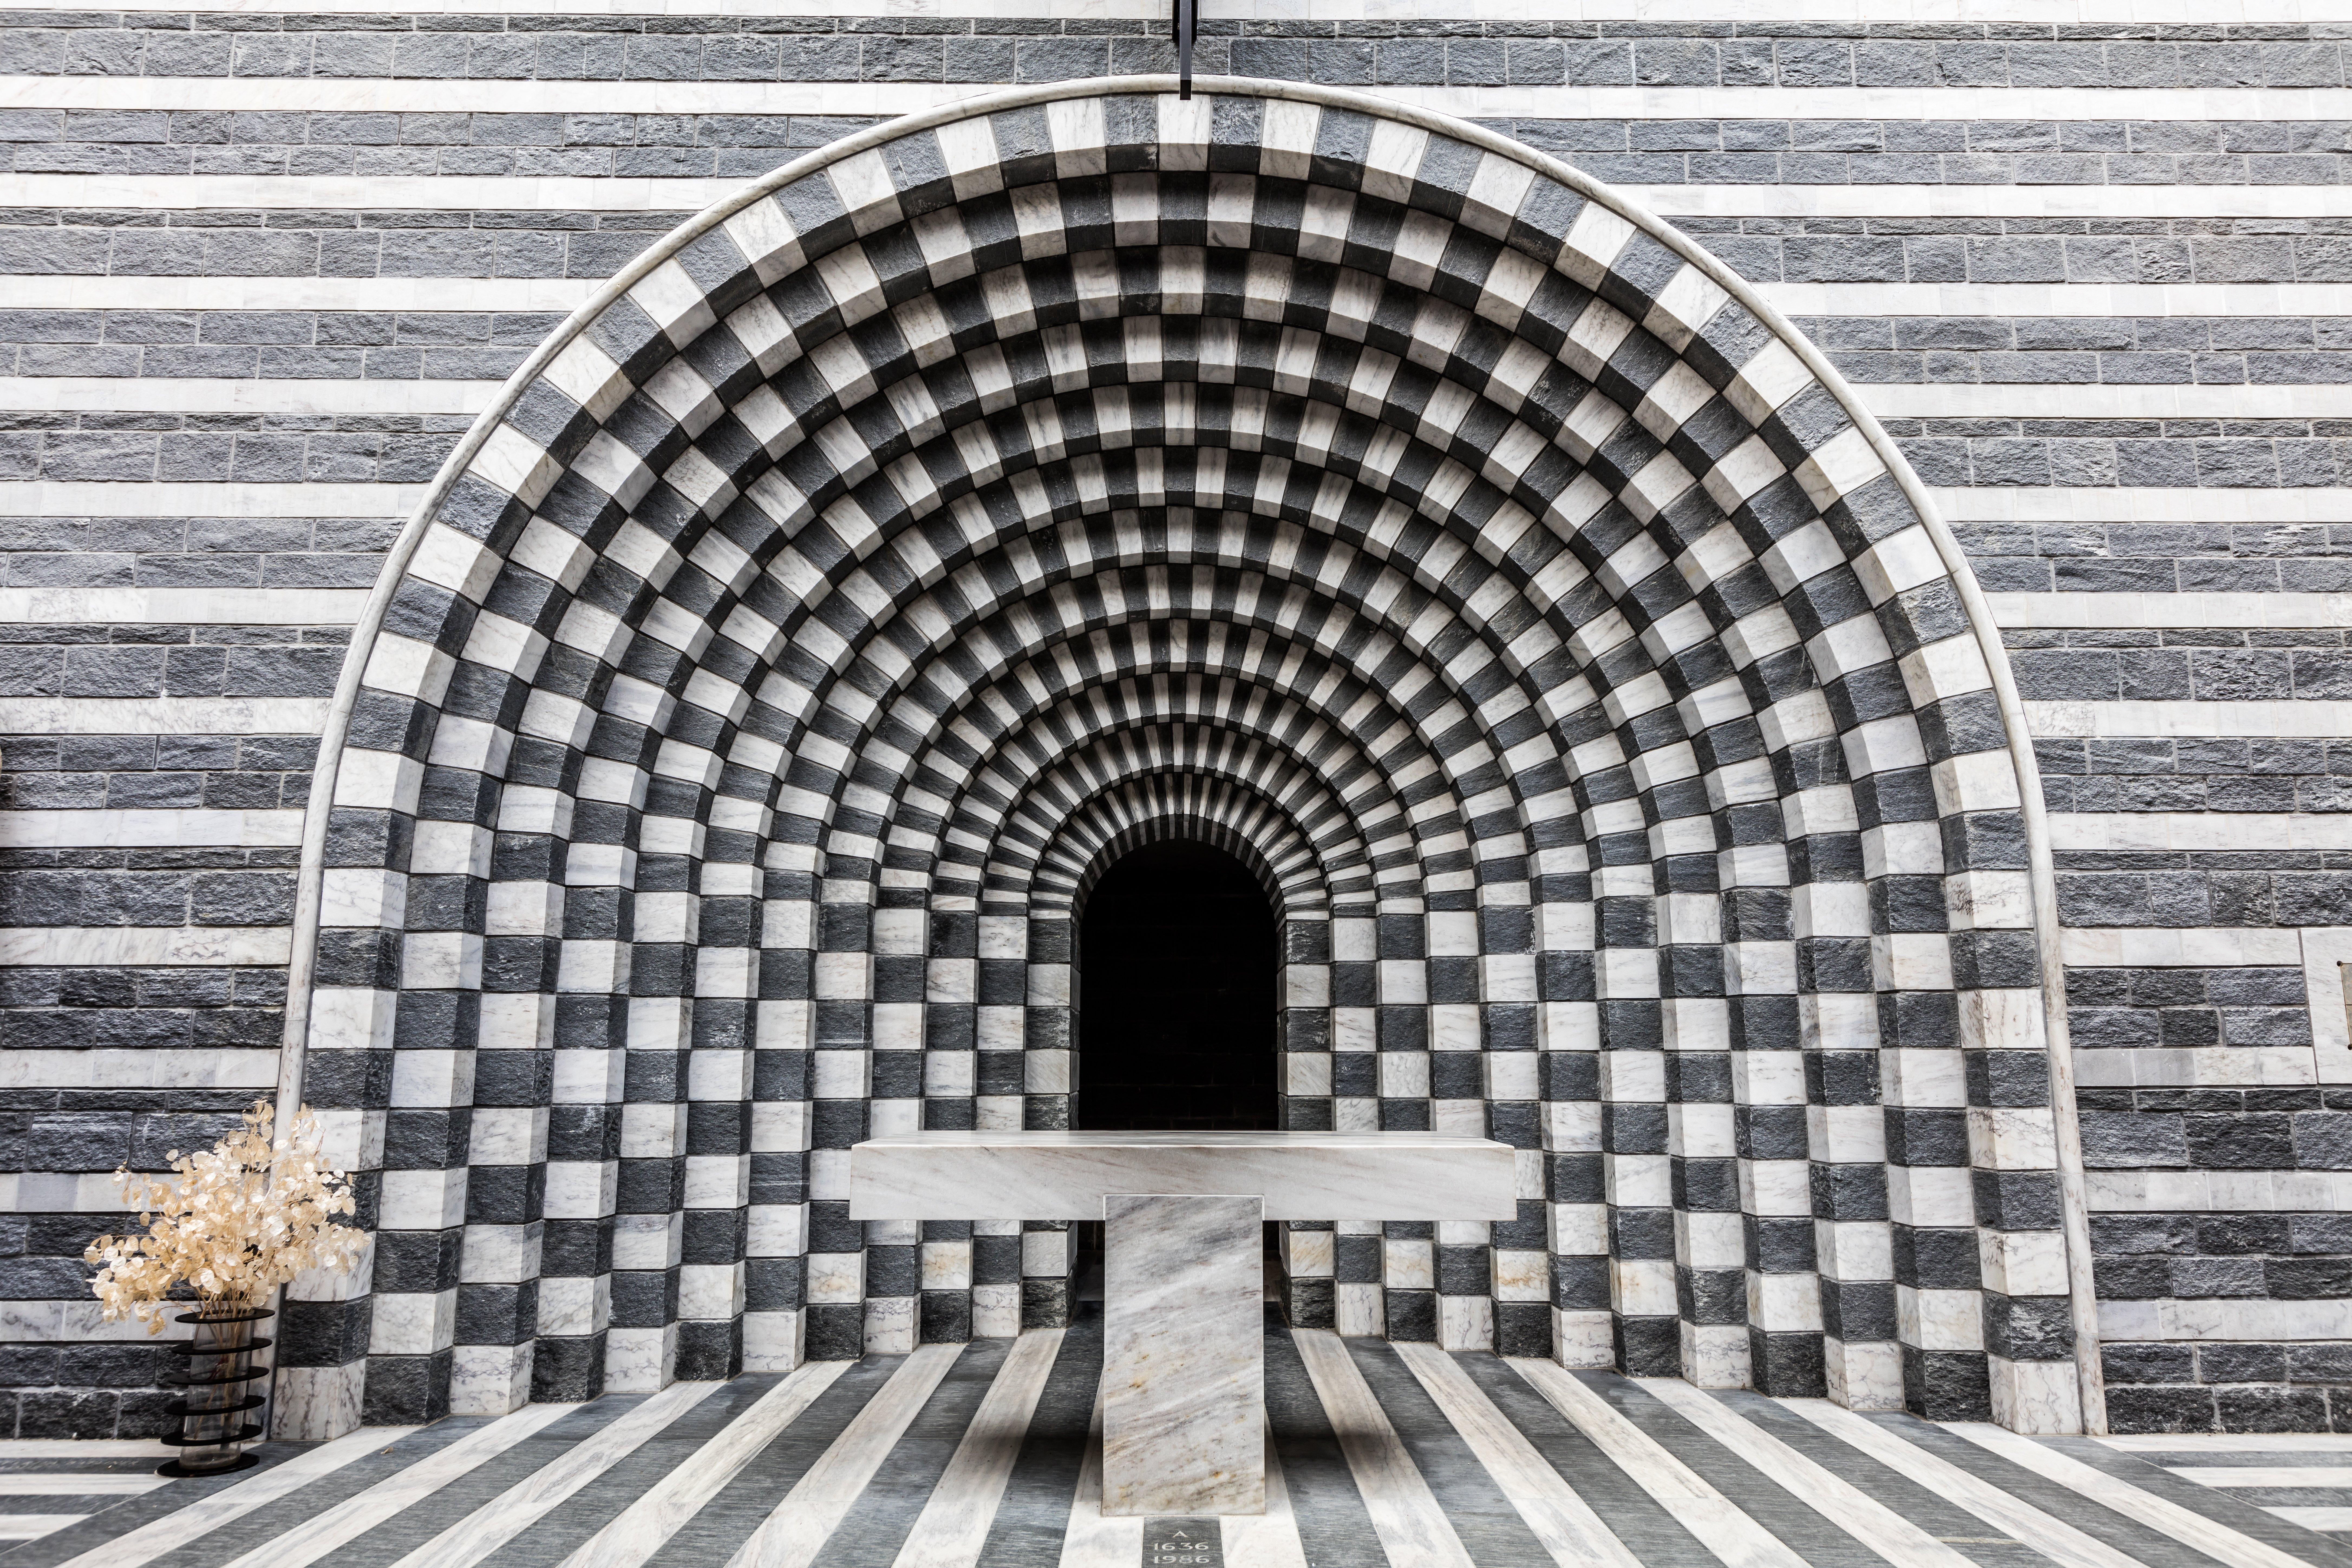 07-Chiesa San Giovanni Battista - Mogno - Val Lavizzara - 2 (© Ascona-Locarno Tourism - foto Alessio Pizzicannella).jpg